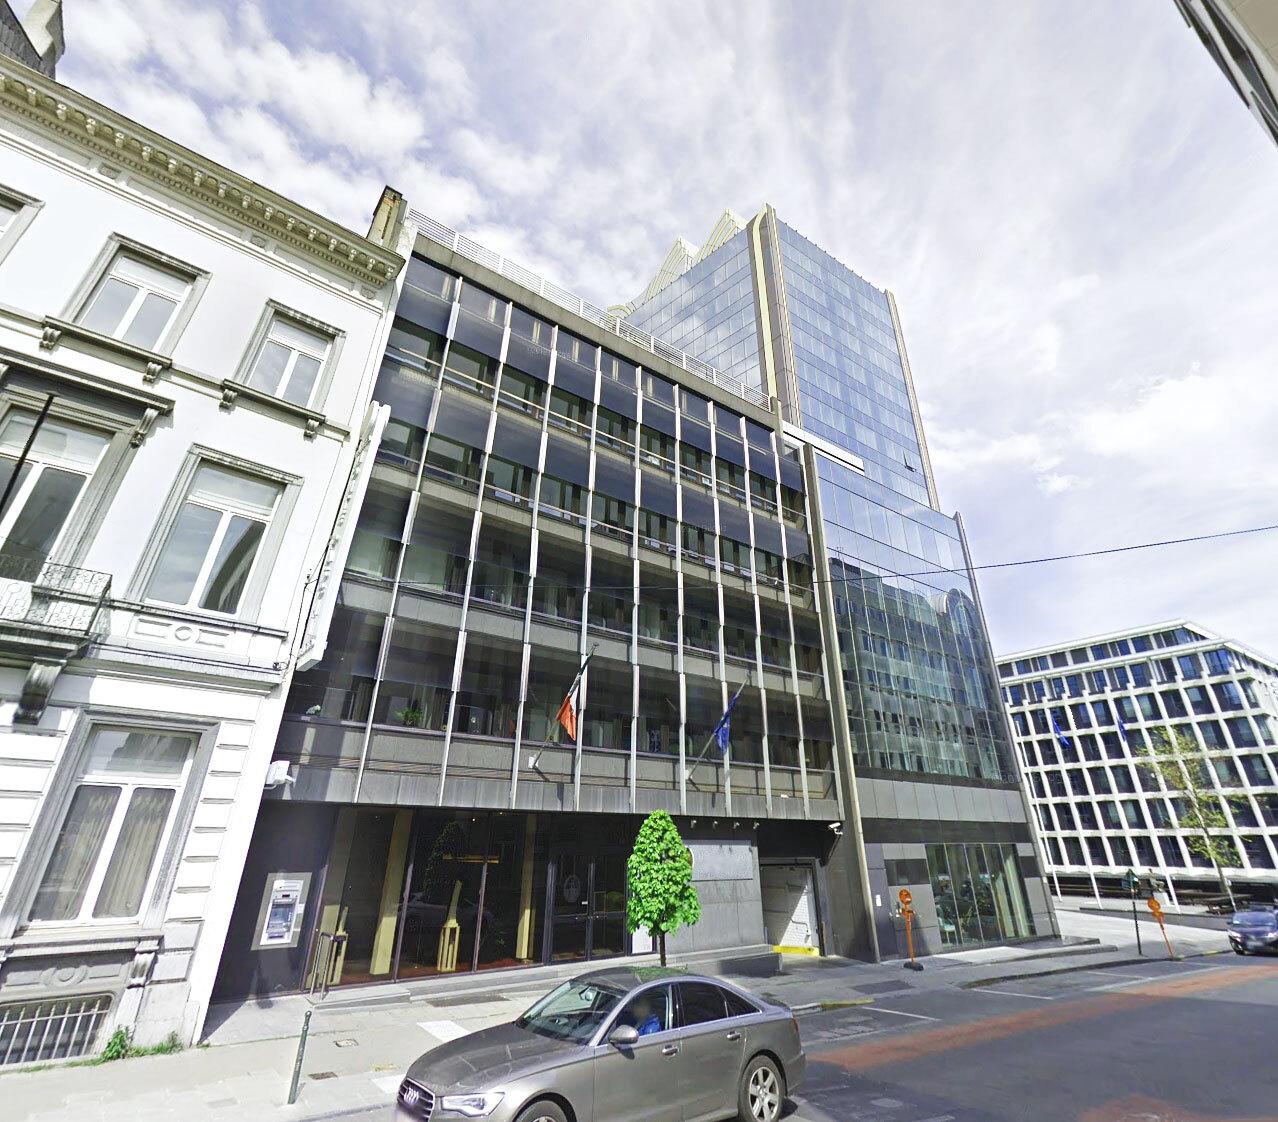 ambasciata-italiana-bruxelles-00.jpg